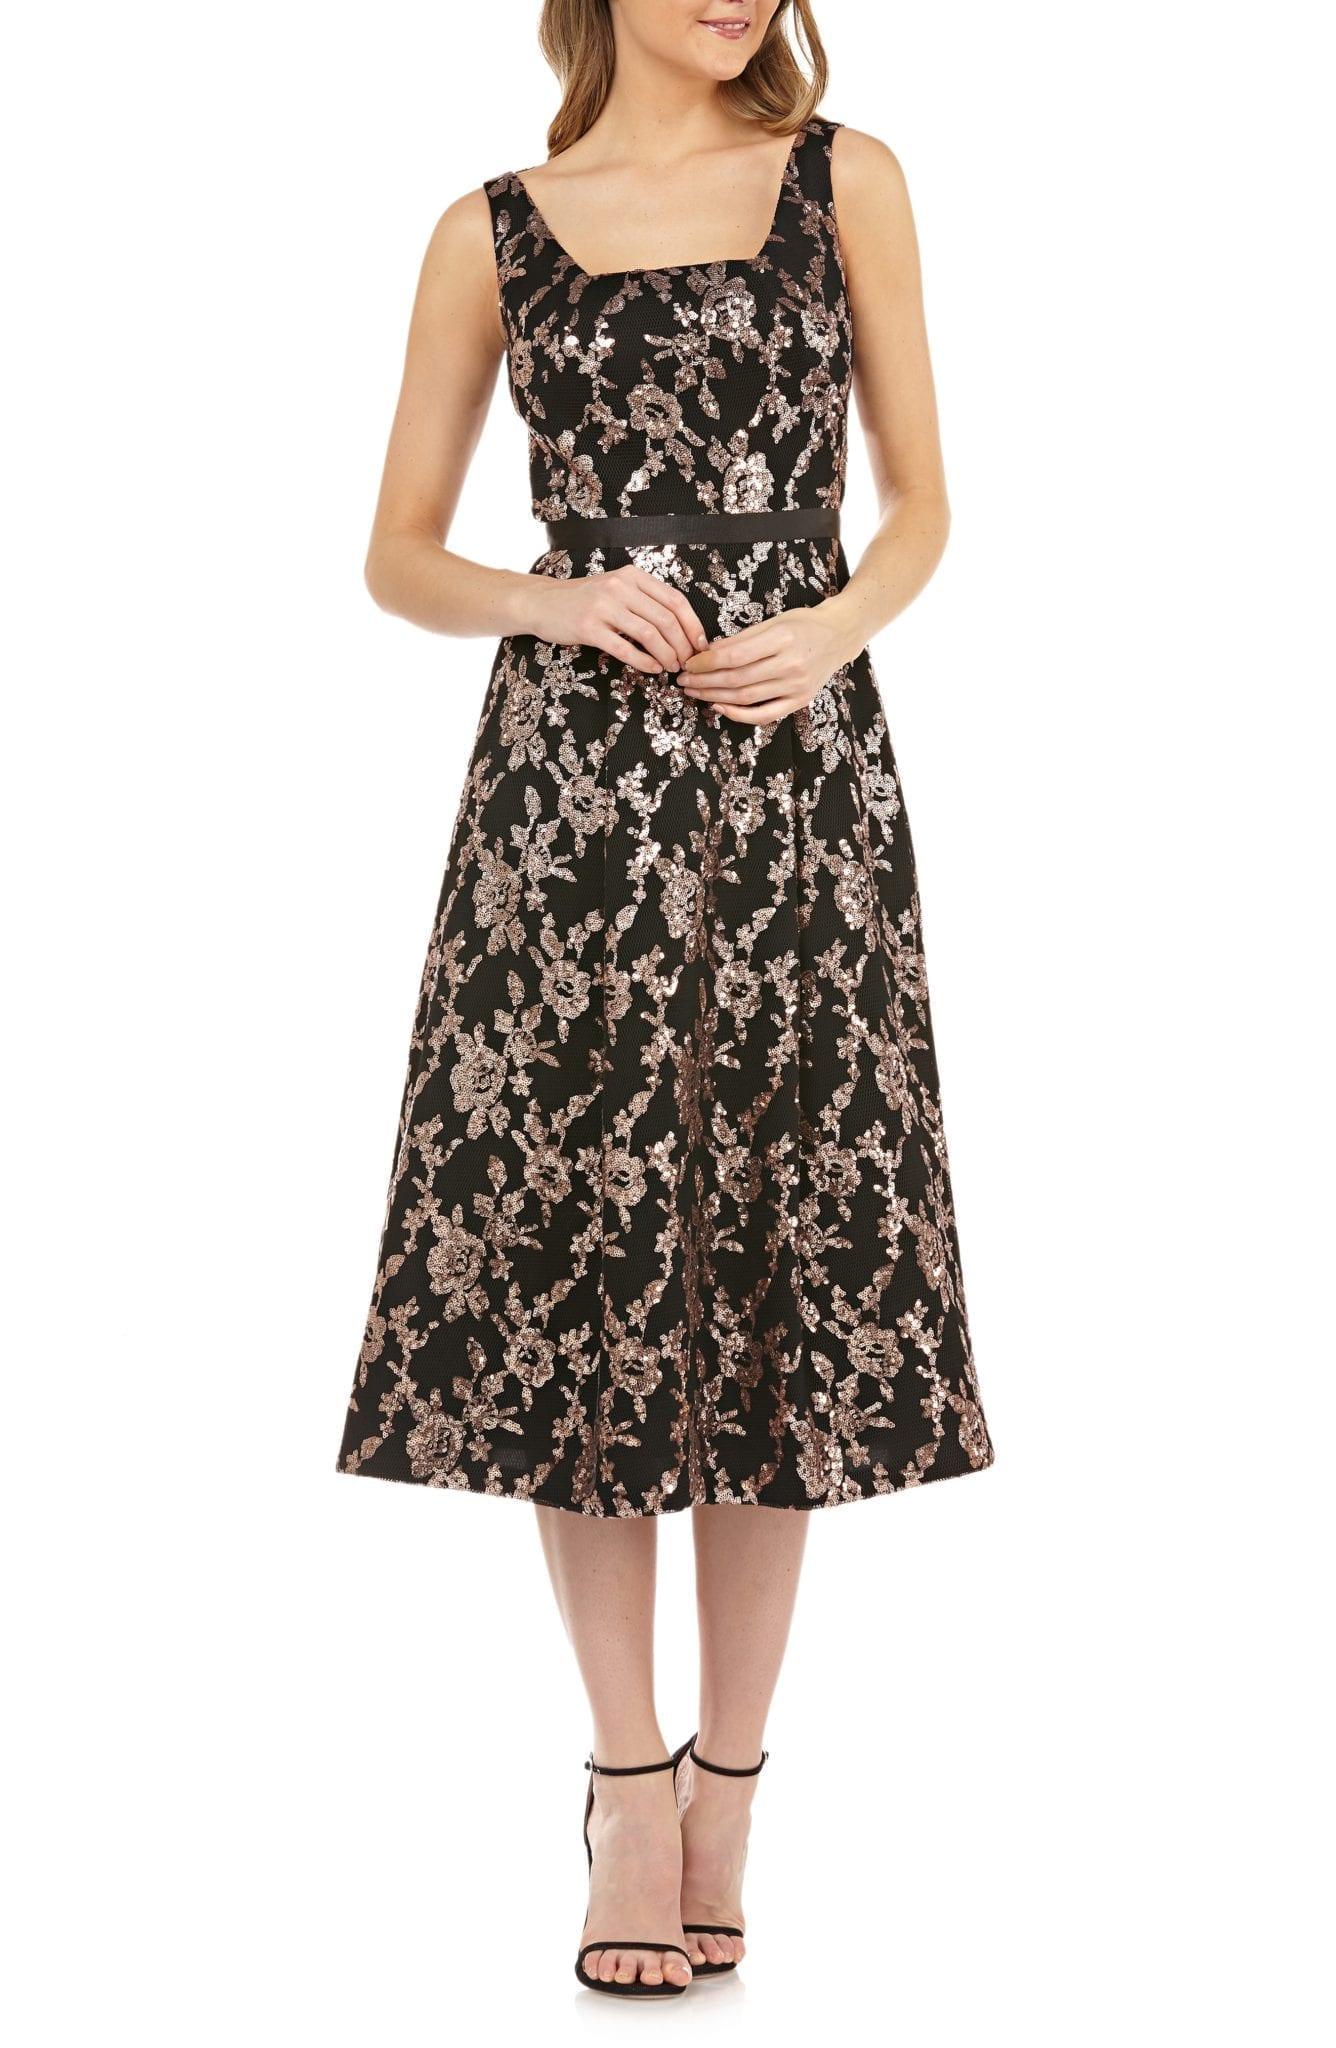 KAY UNGER Sleeveless Sequin Mesh Tea Length Black / Rose Gold Dress